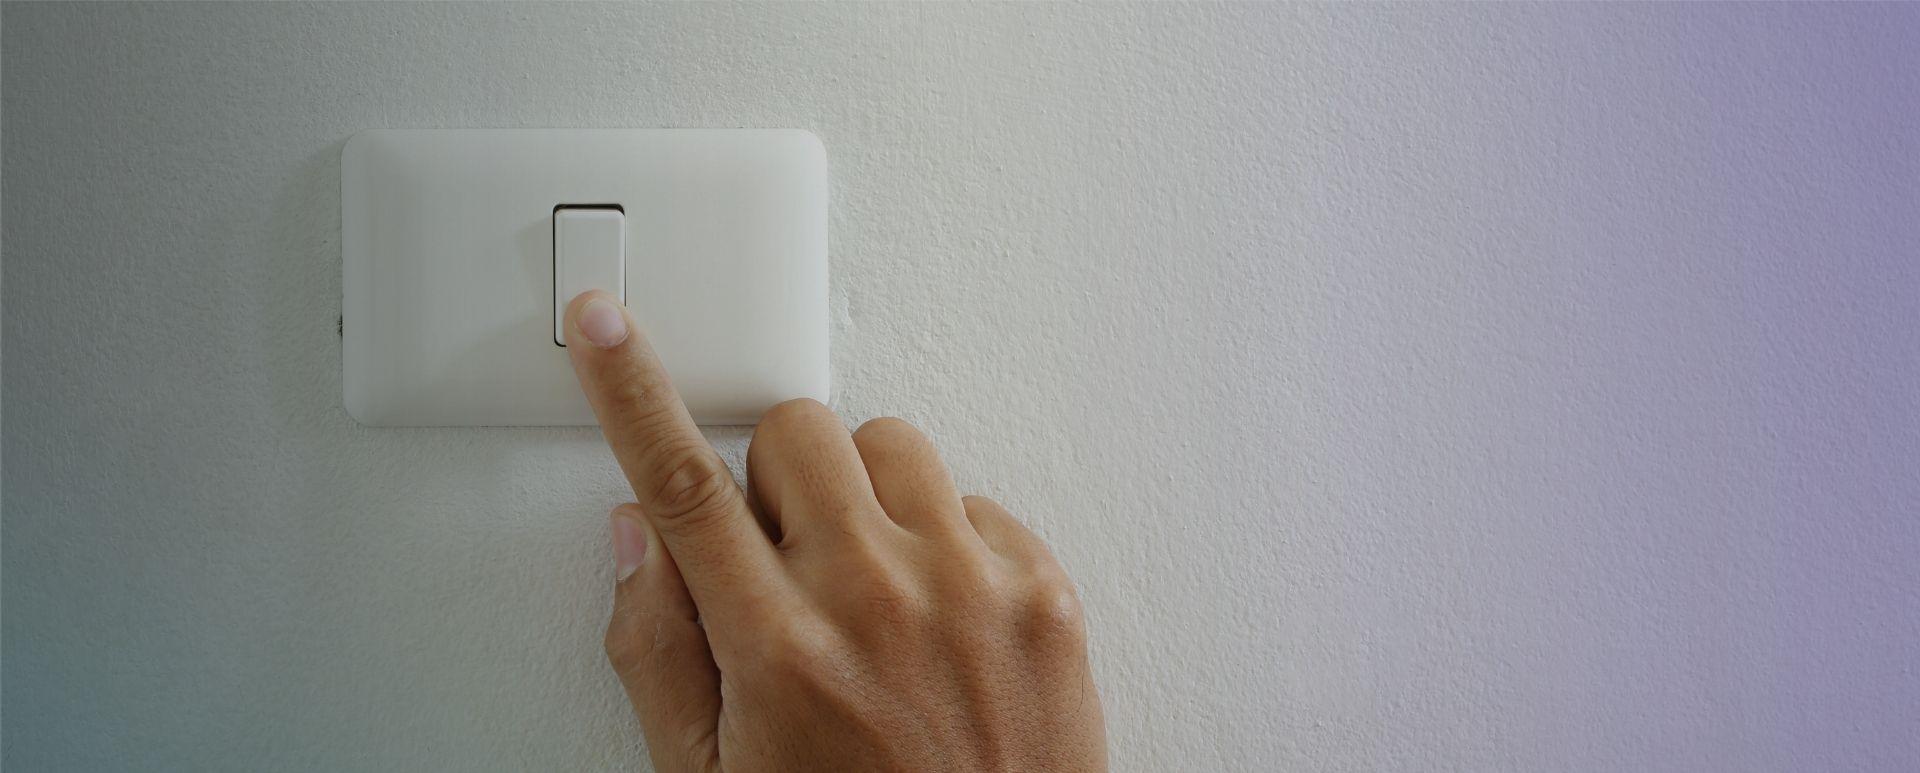 come-calcolare-consumo-energia-elettrica-nella-tua-casa